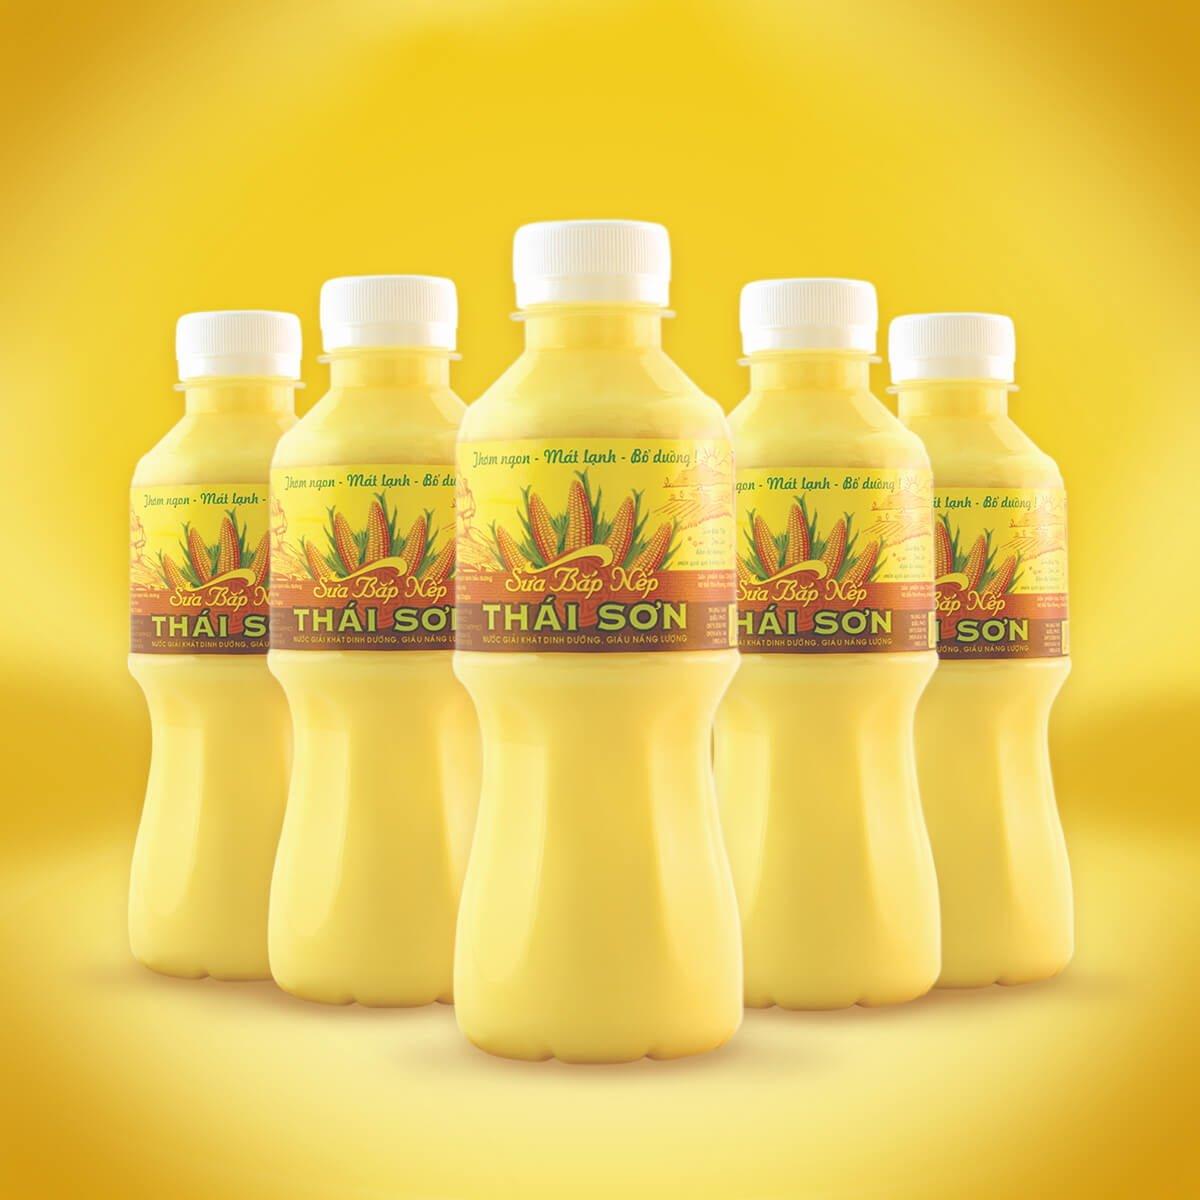 Lợi ích của sữa bắp mang lại là gì? - Mua sữa bắp ở đâu ngon